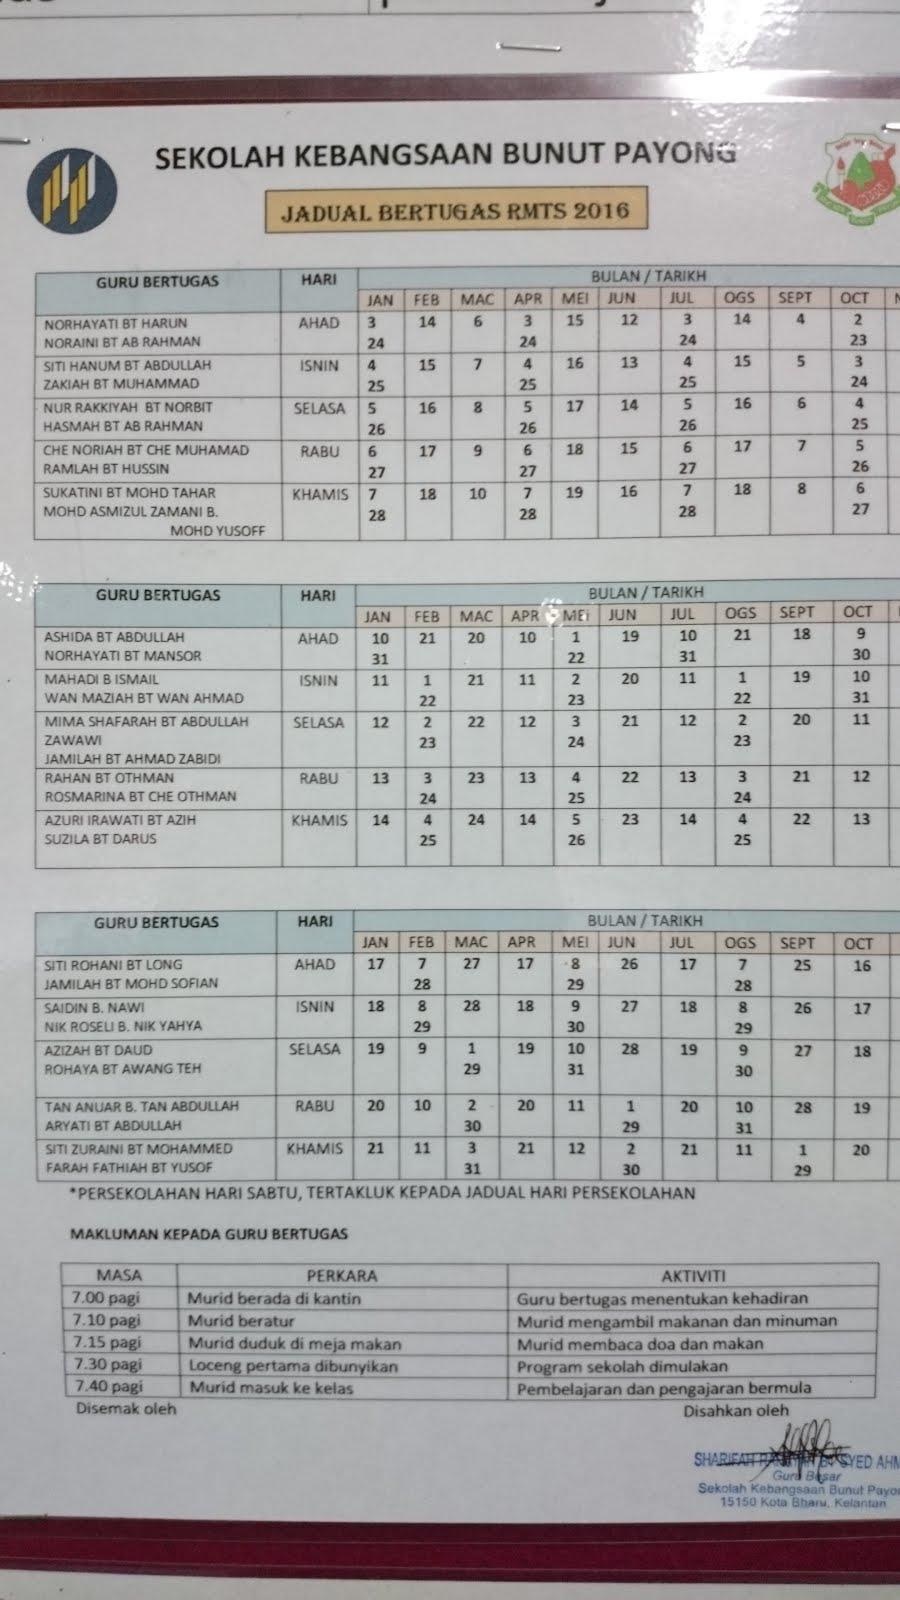 JADUAL BERTUGAS RMTS 2016